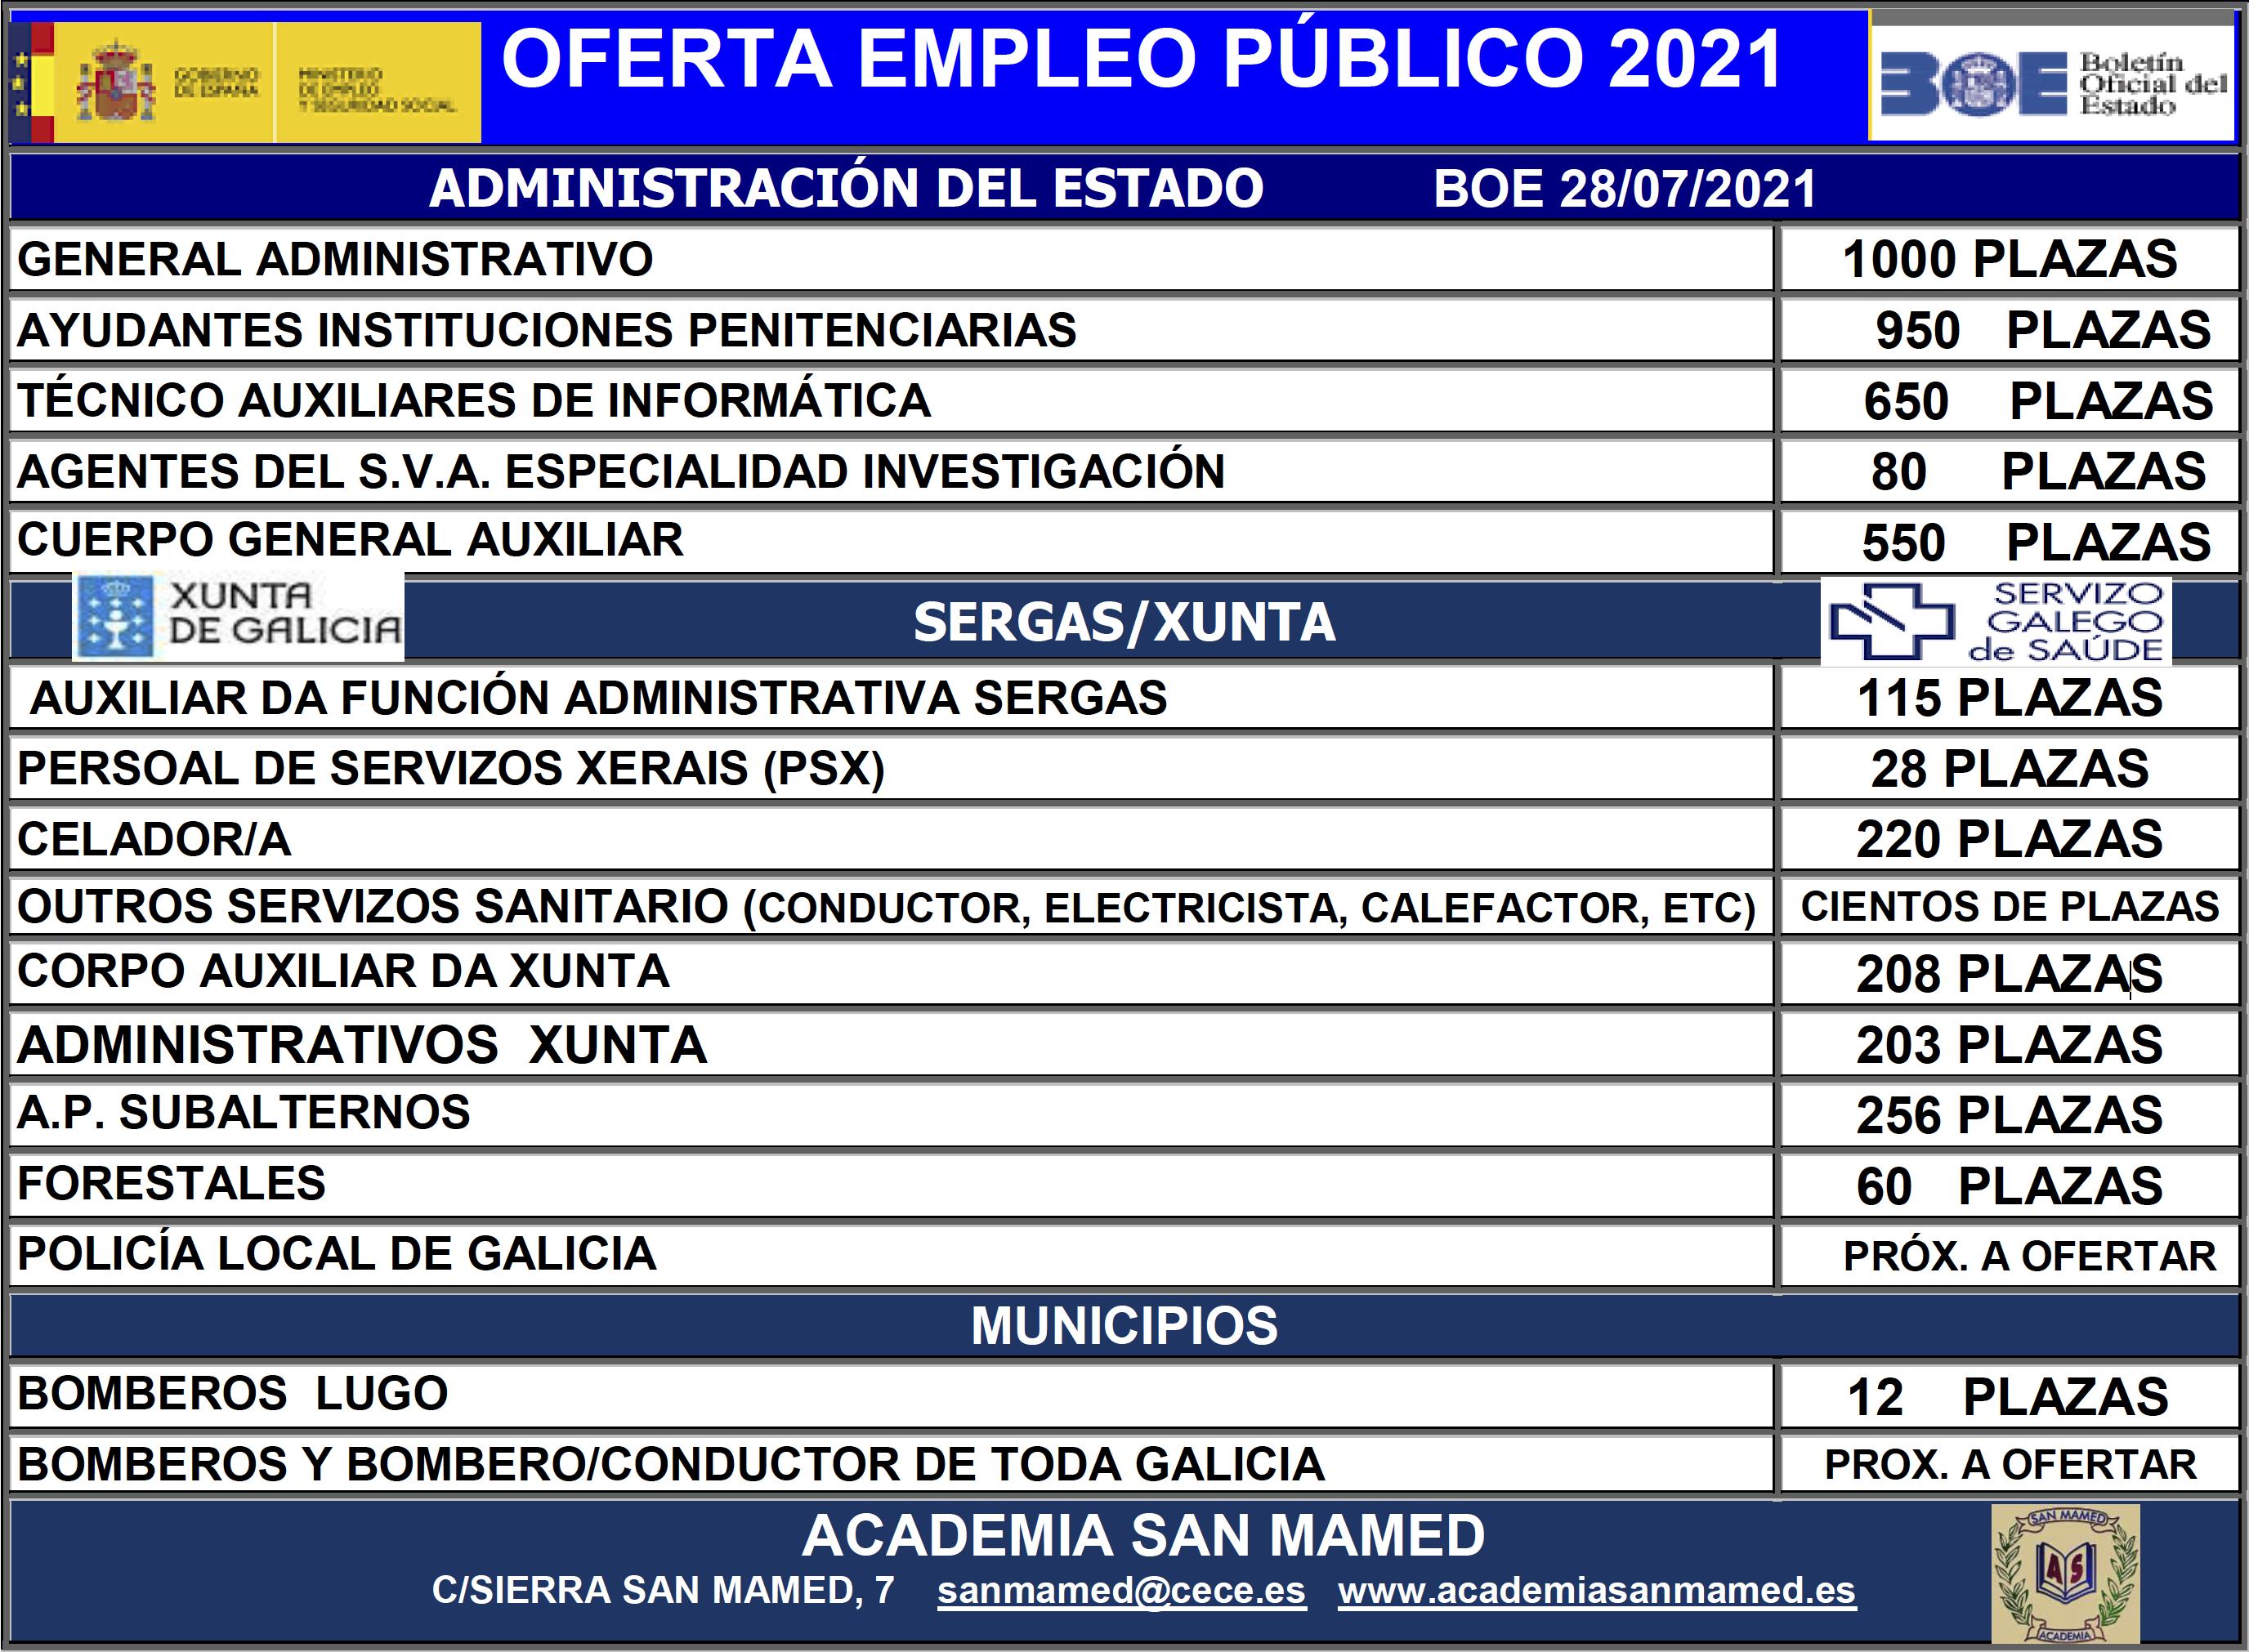 Oferta-empleo-publico-2021